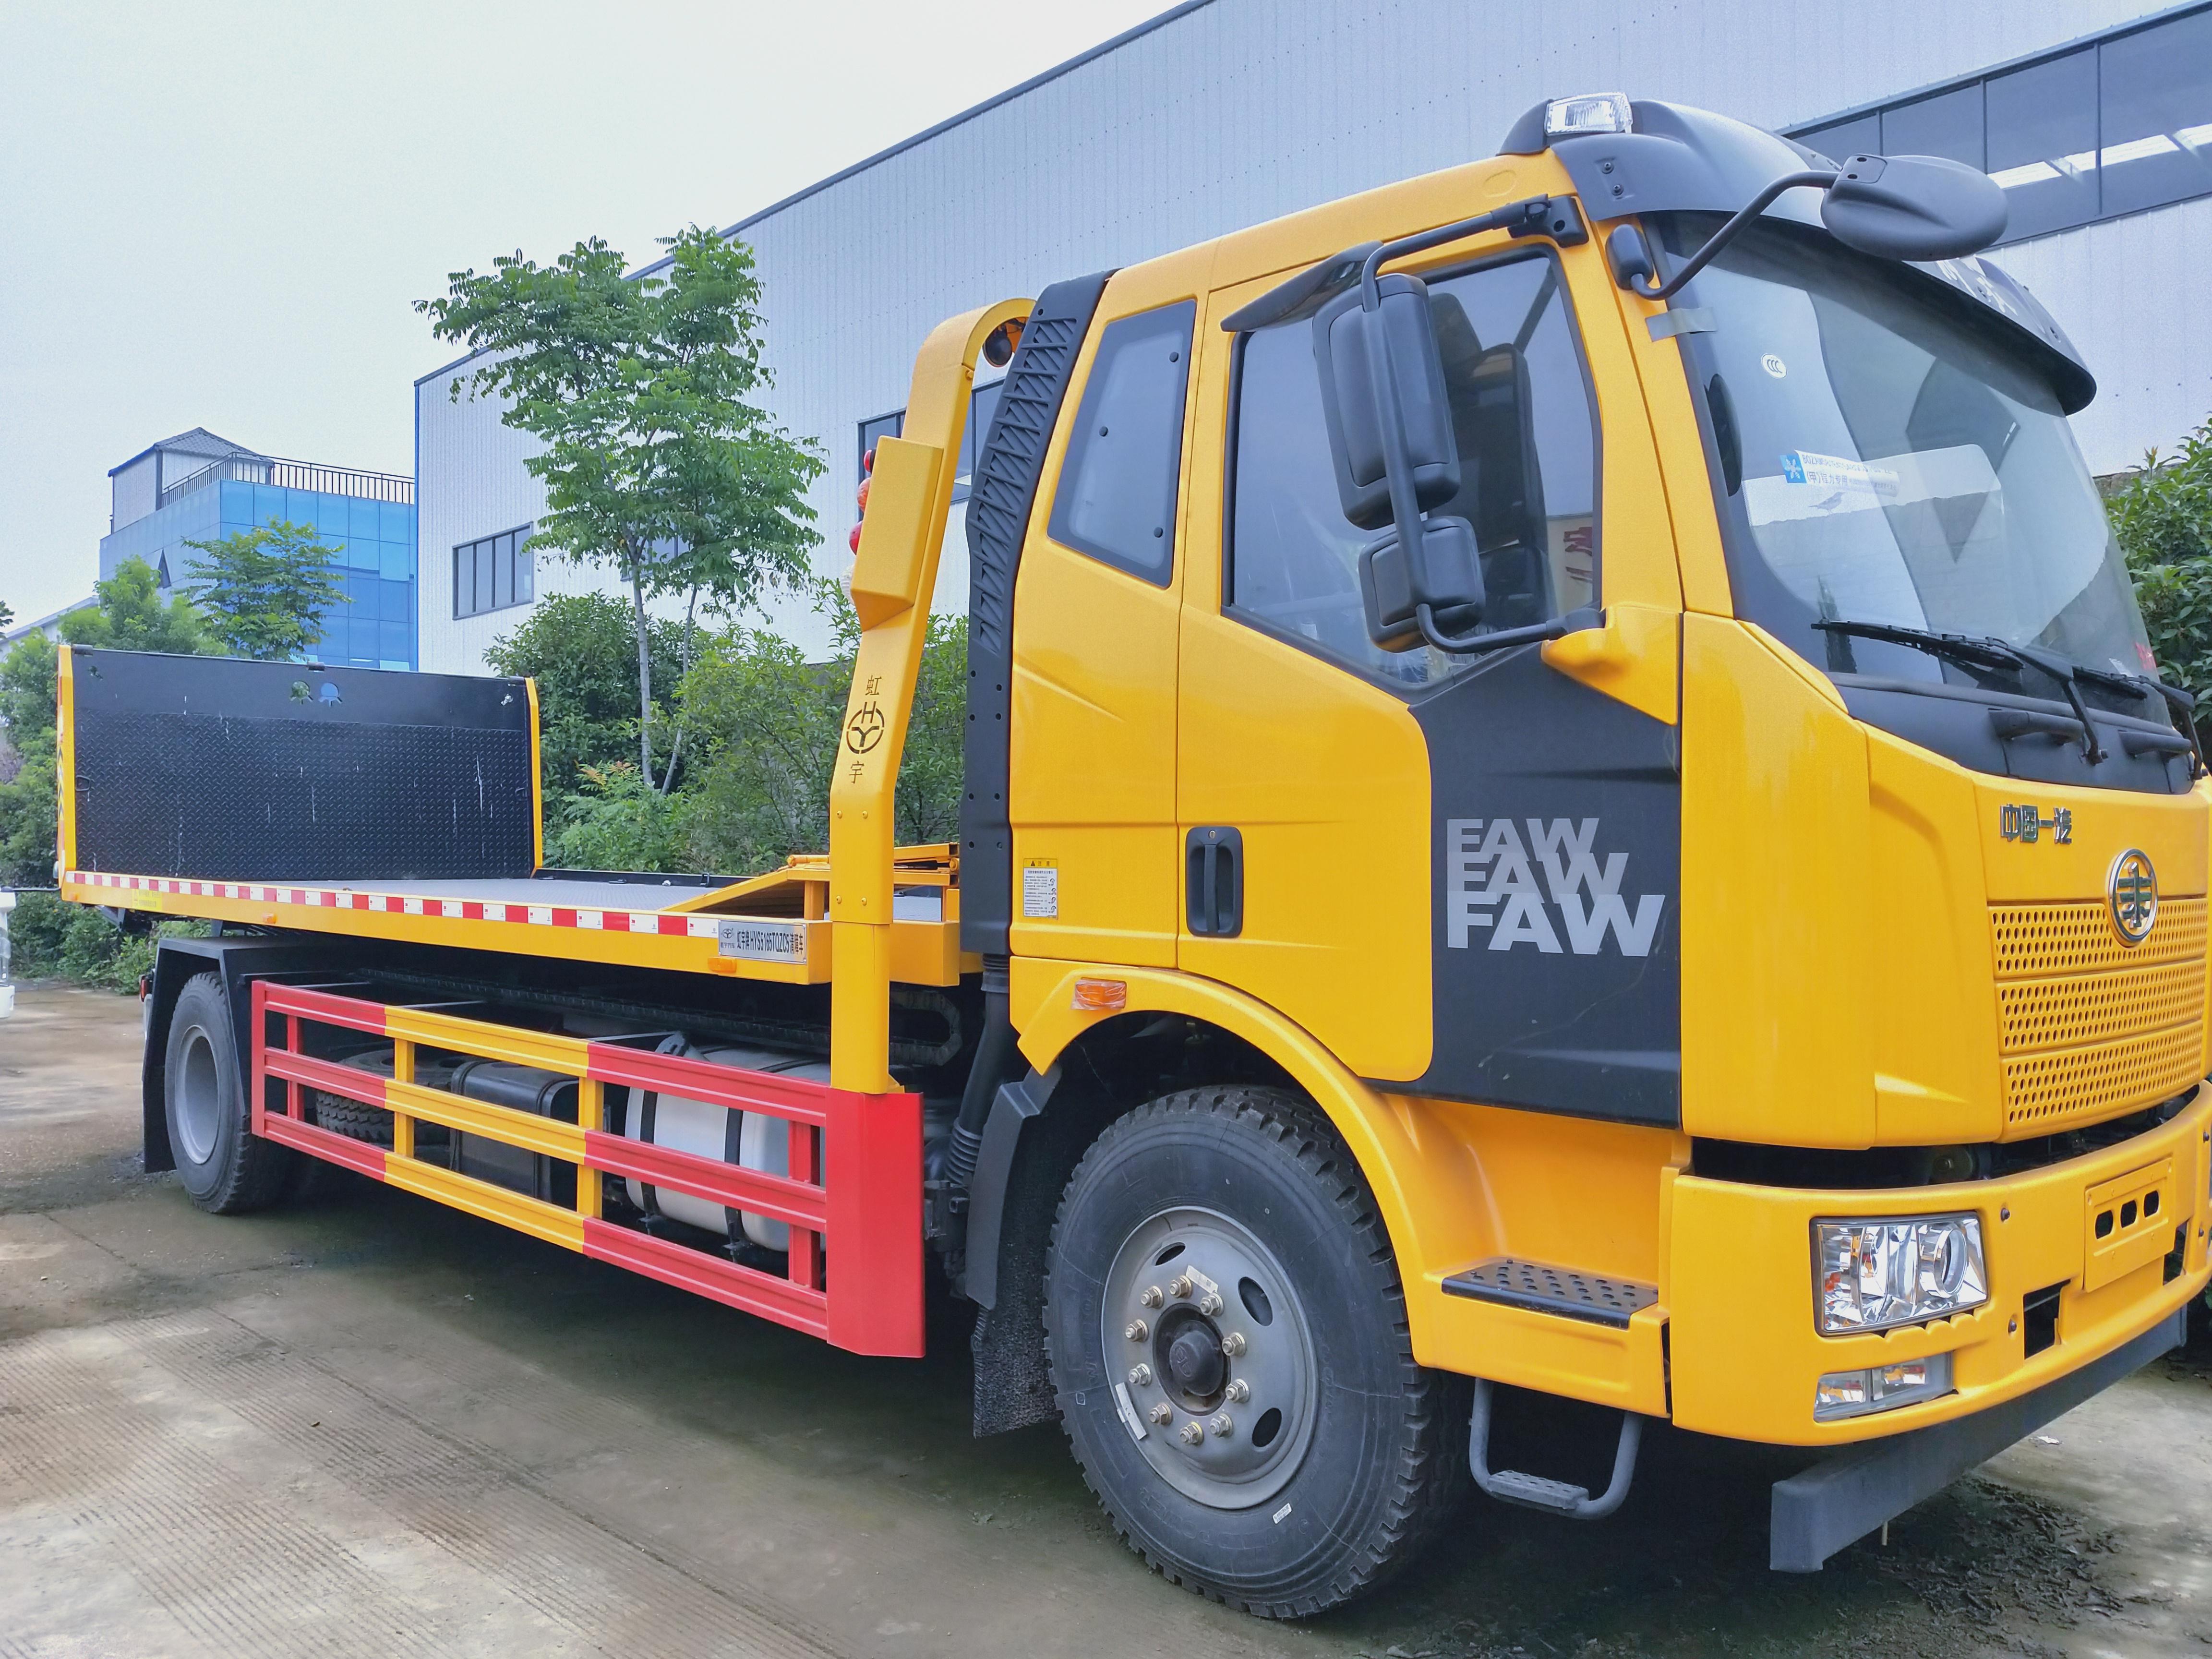 10吨解放大平板道路清障车拖后双轮救援拖车图片图片